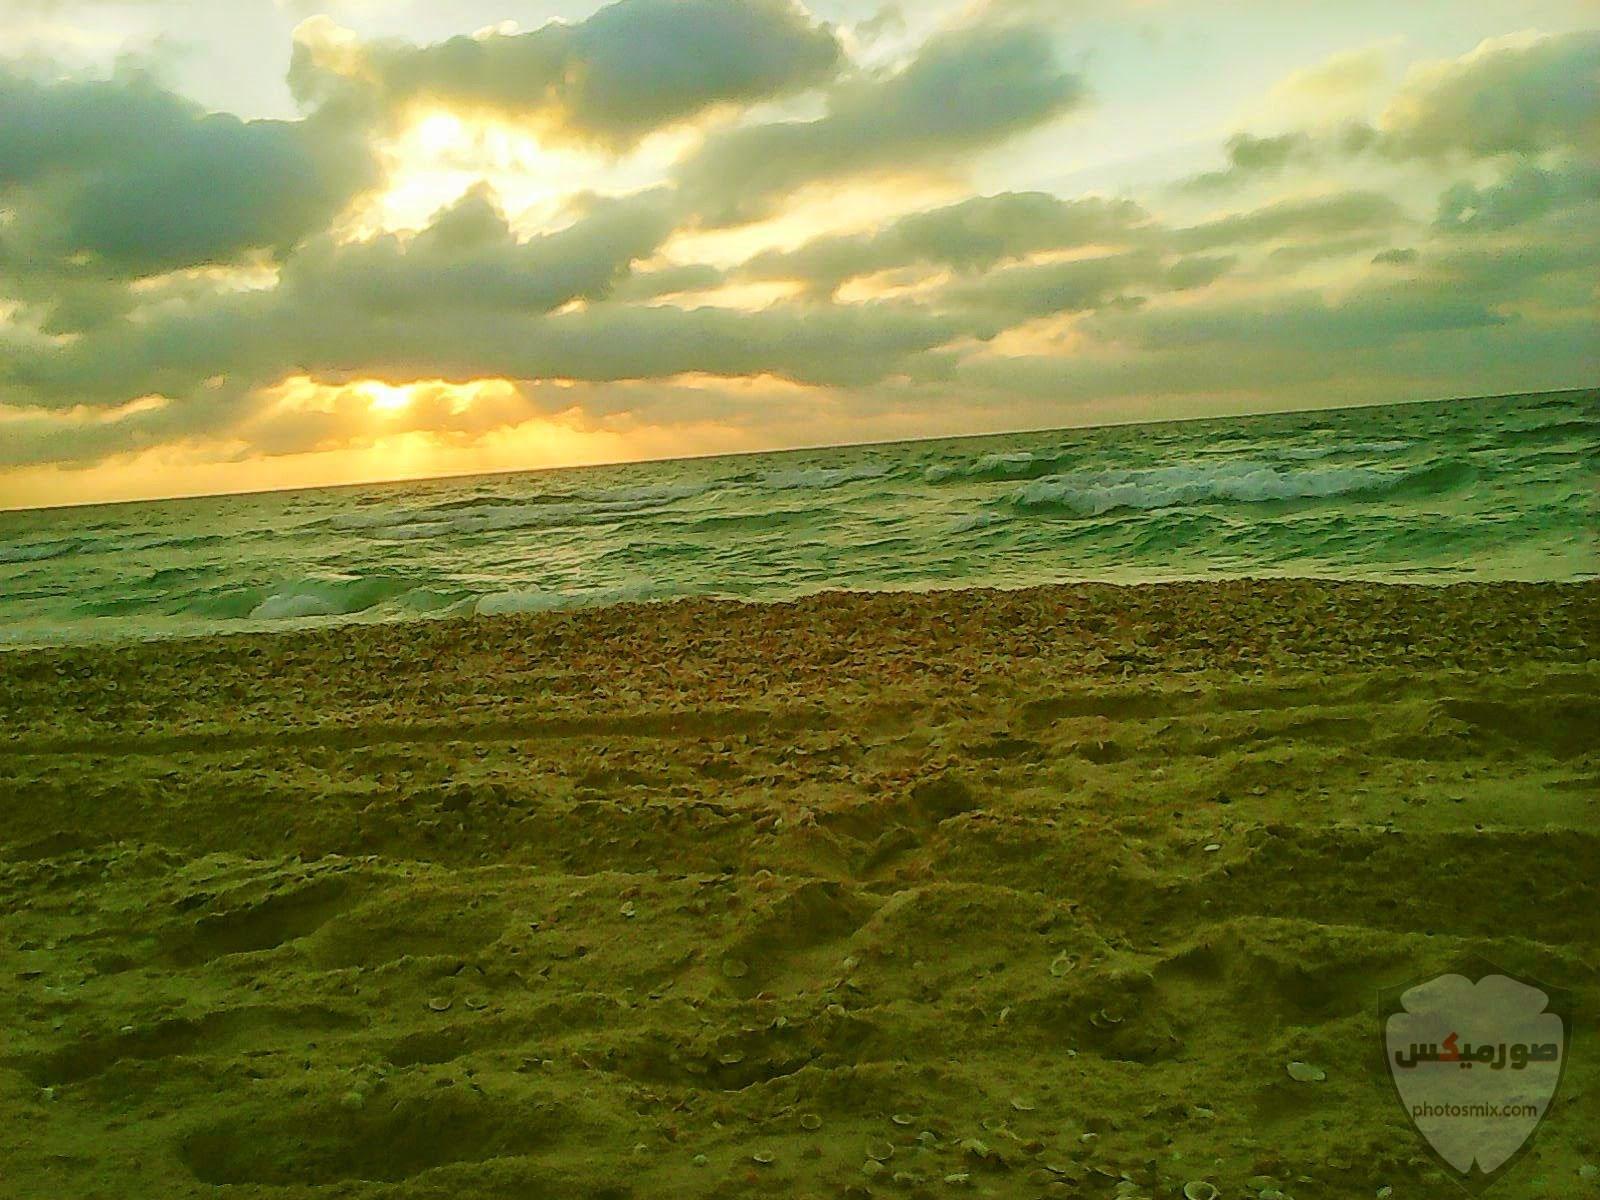 صور شواطئ جميلةصور بحار جميلةصور طبيعية 2